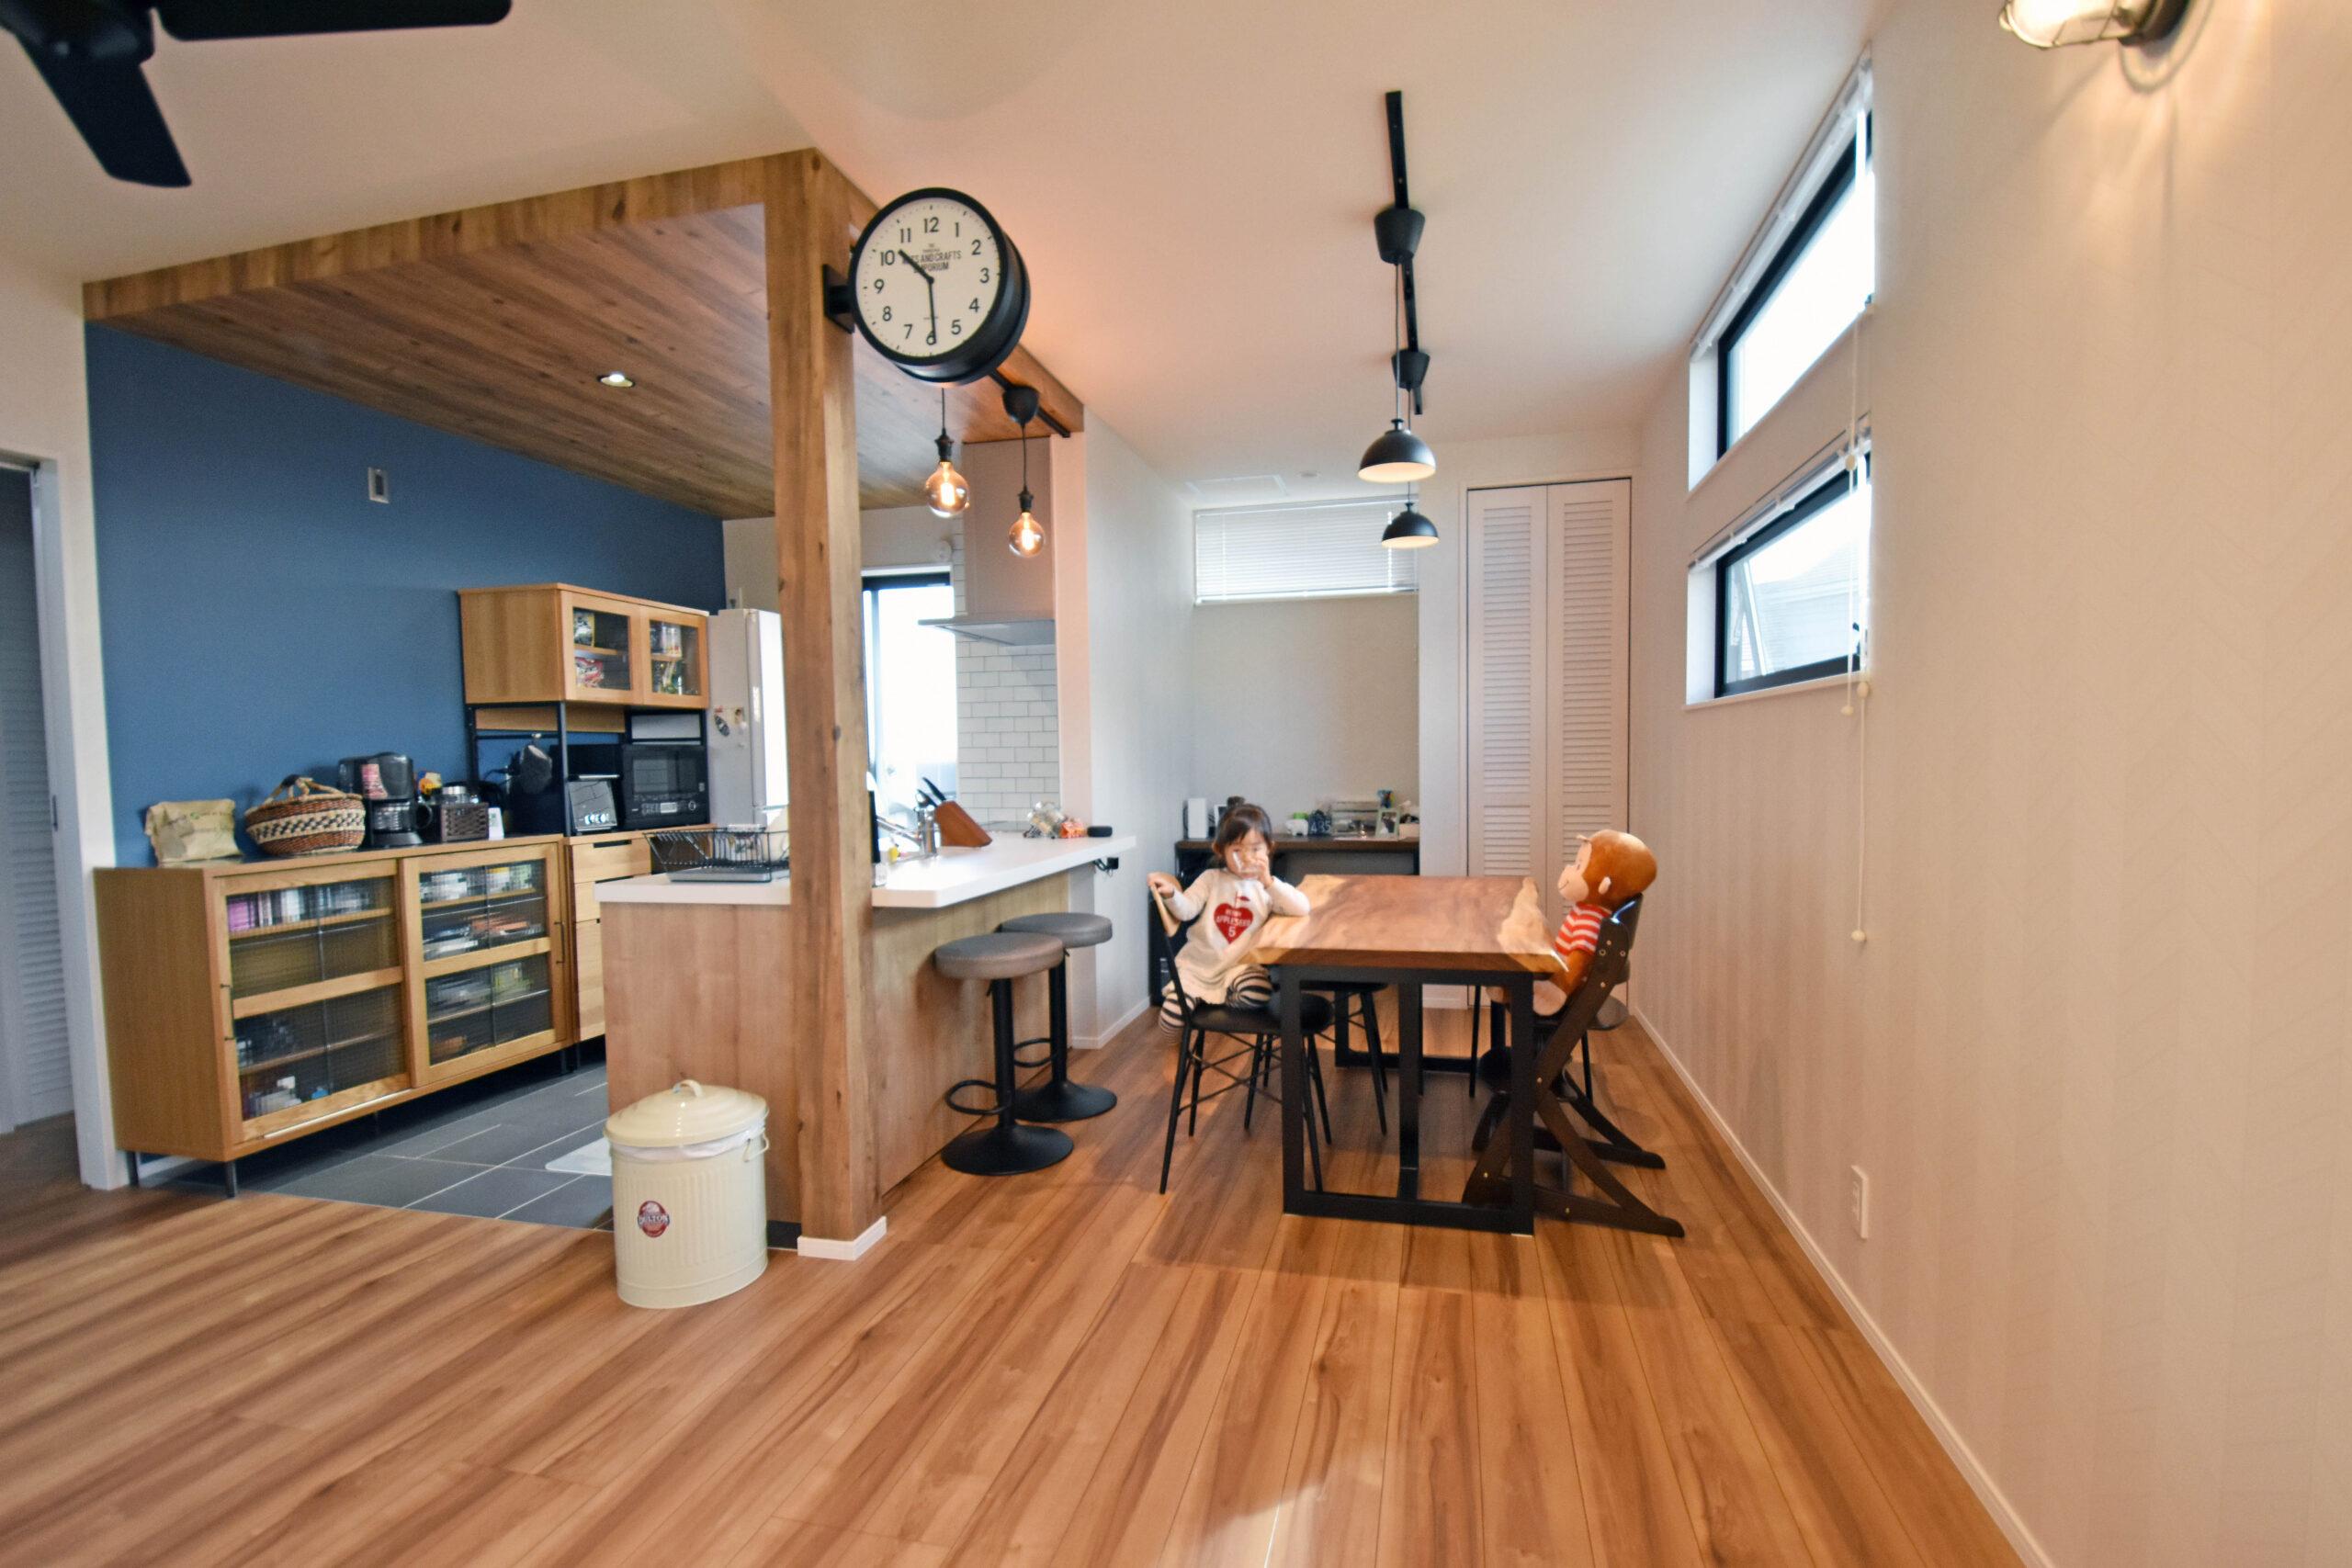 木目が特徴的なキッチン天井は、あえて低くし奥行きを演出。ブルーのアクセントクロスで毎日の料理が楽しくなりそう。